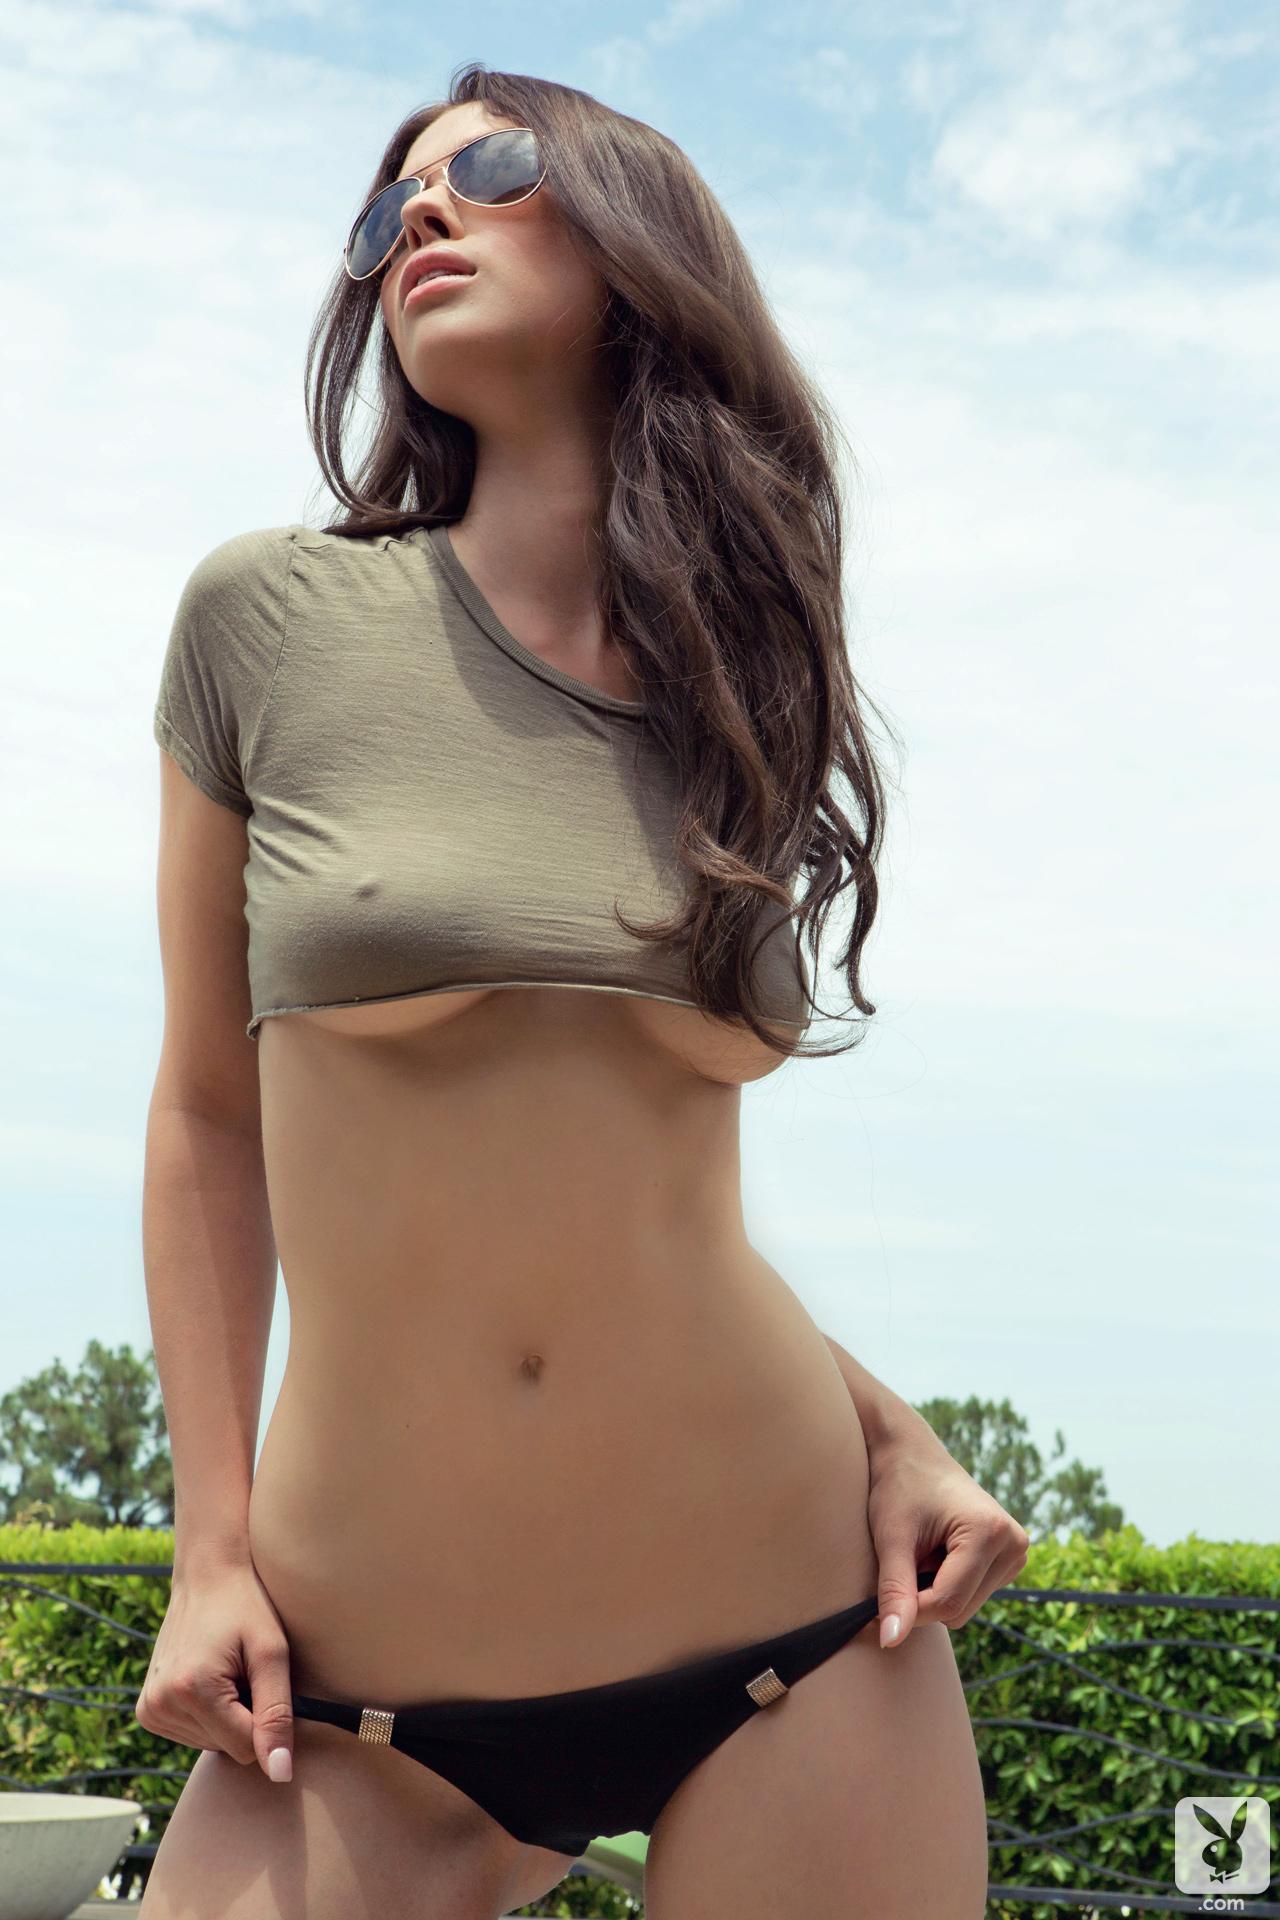 Сексуальные девушки екб 1 фотография